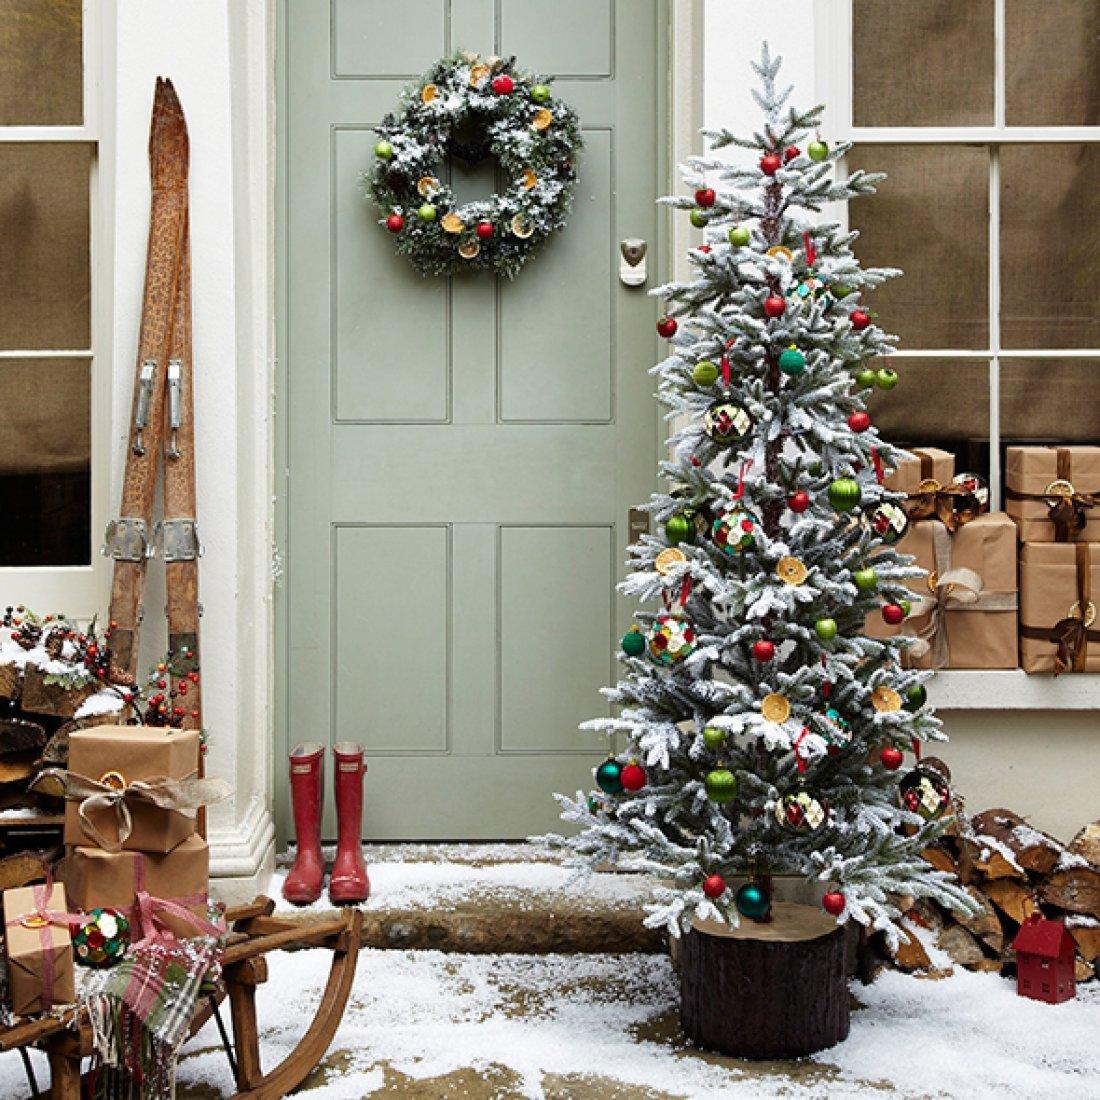 фото как украсить дом на новый год находятся